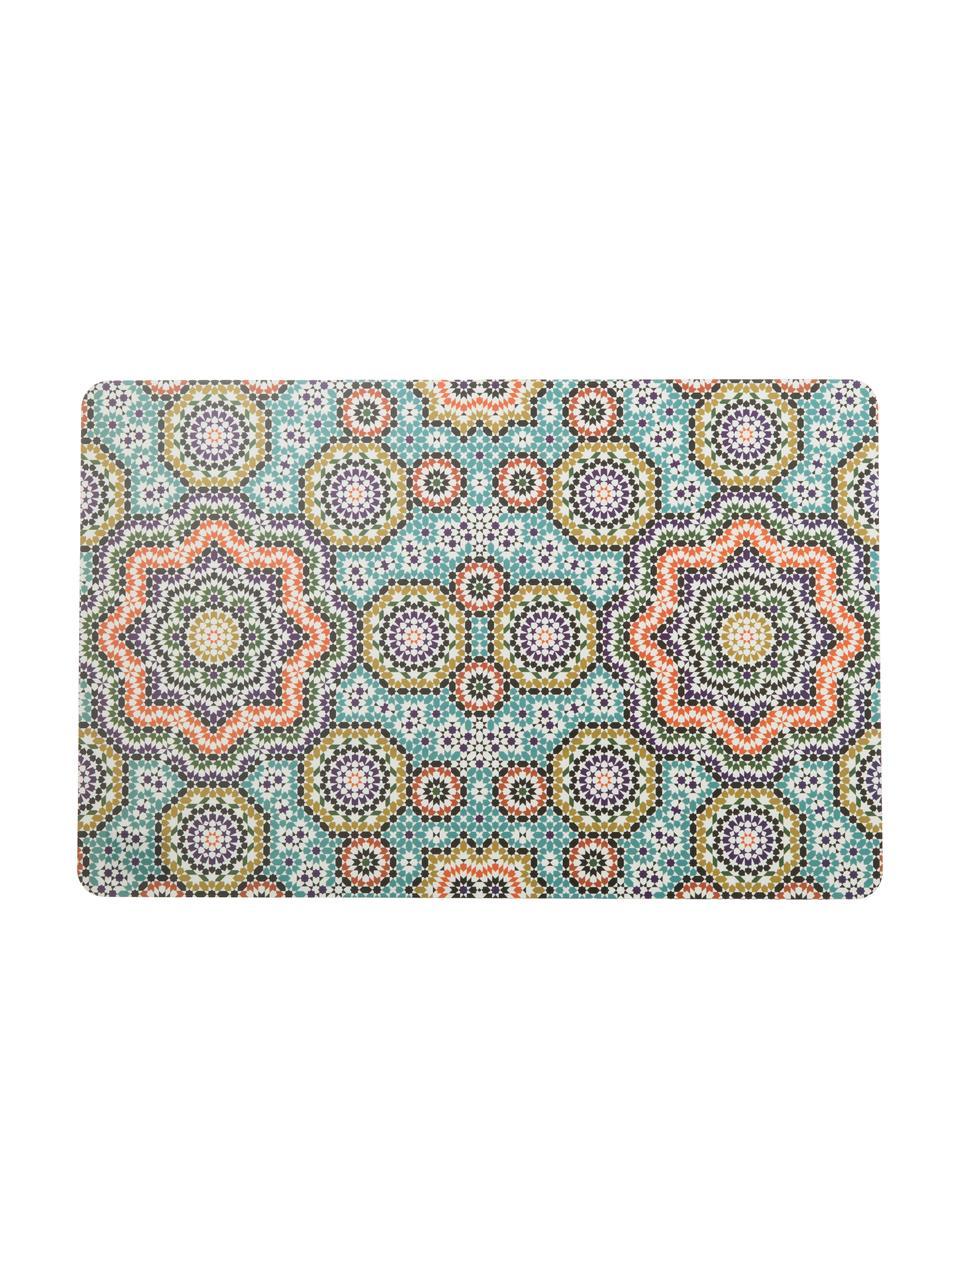 Kunststoff-Tischsets Marrakech, 6er Set, Kunststoff, Mehrfarbig, 28 x 44 cm